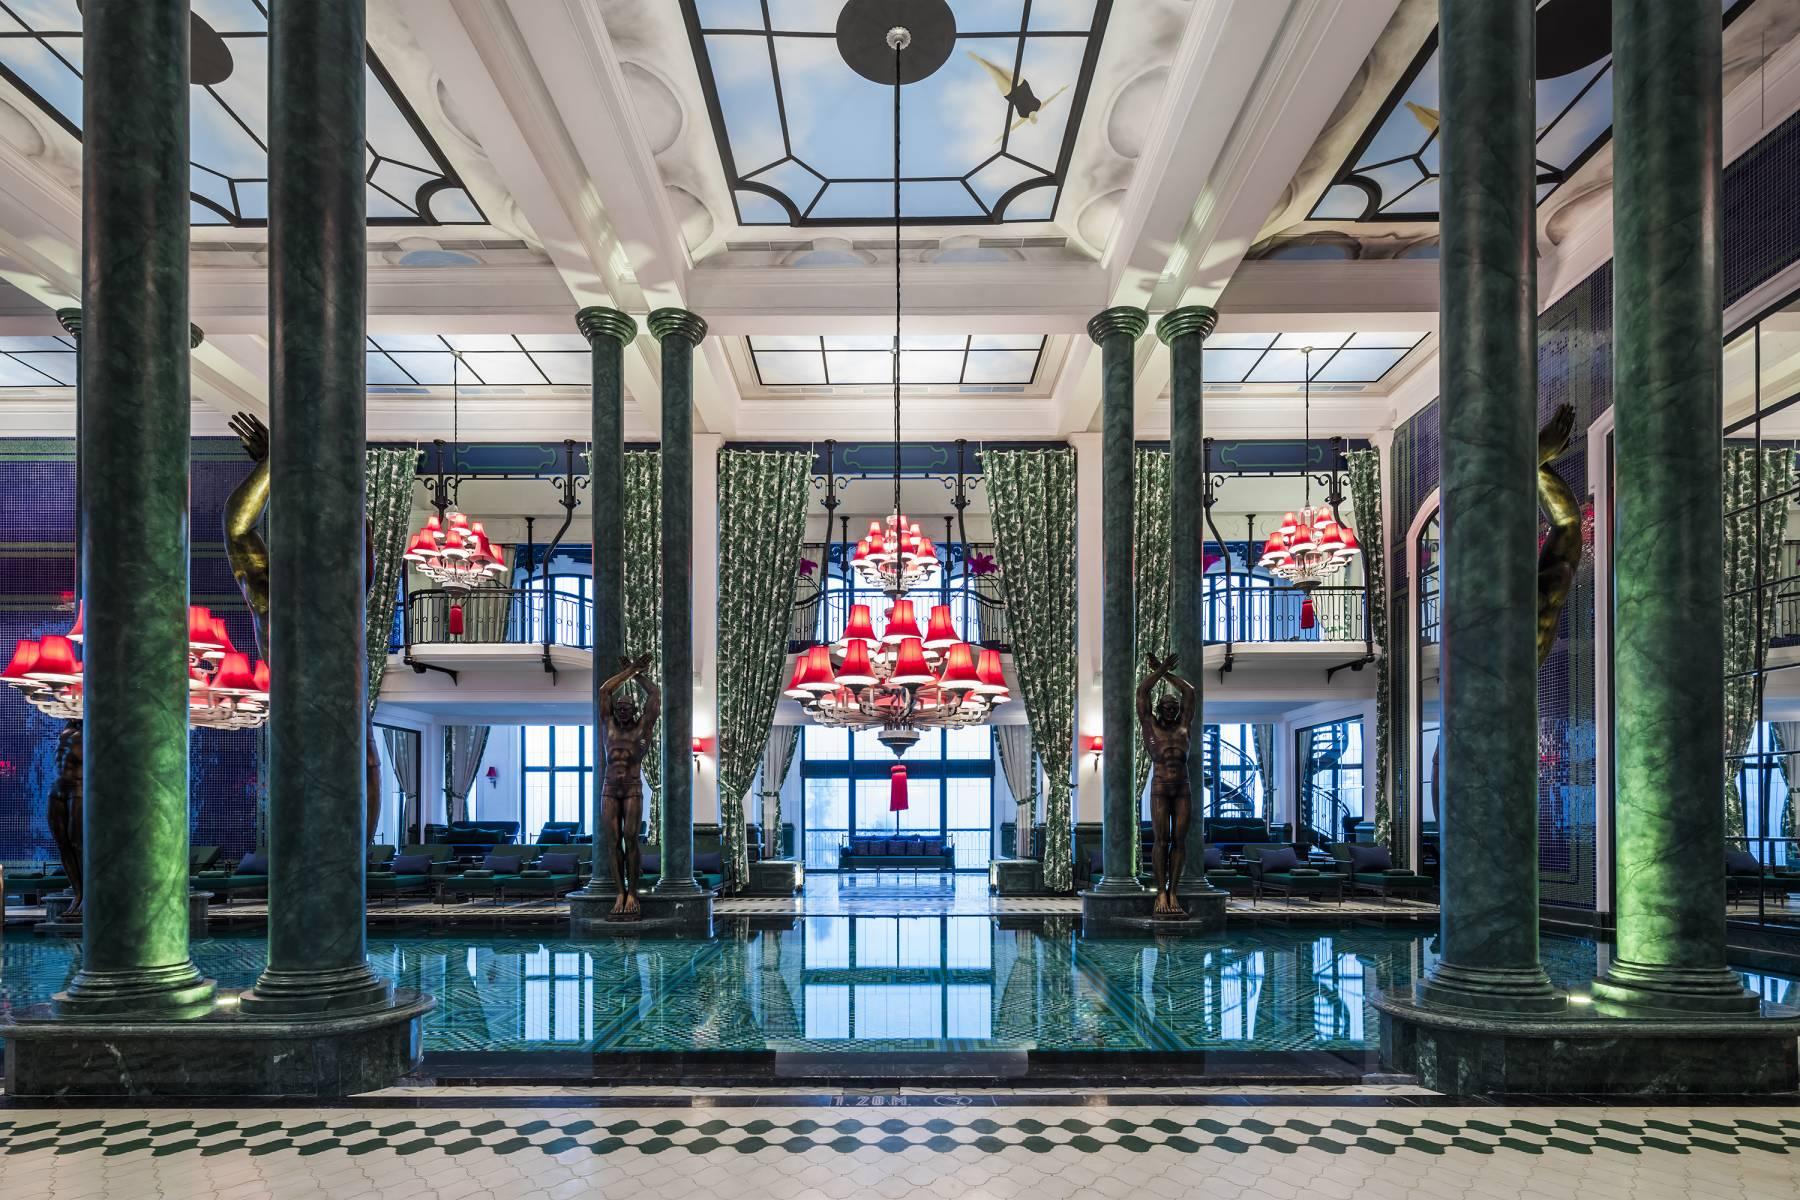 Không gian bể bơi lộng lẫy bởi những cột đá cẩm thạch xanh ngọc lục bảo, tượng đồng và đèn chùm rực rỡ